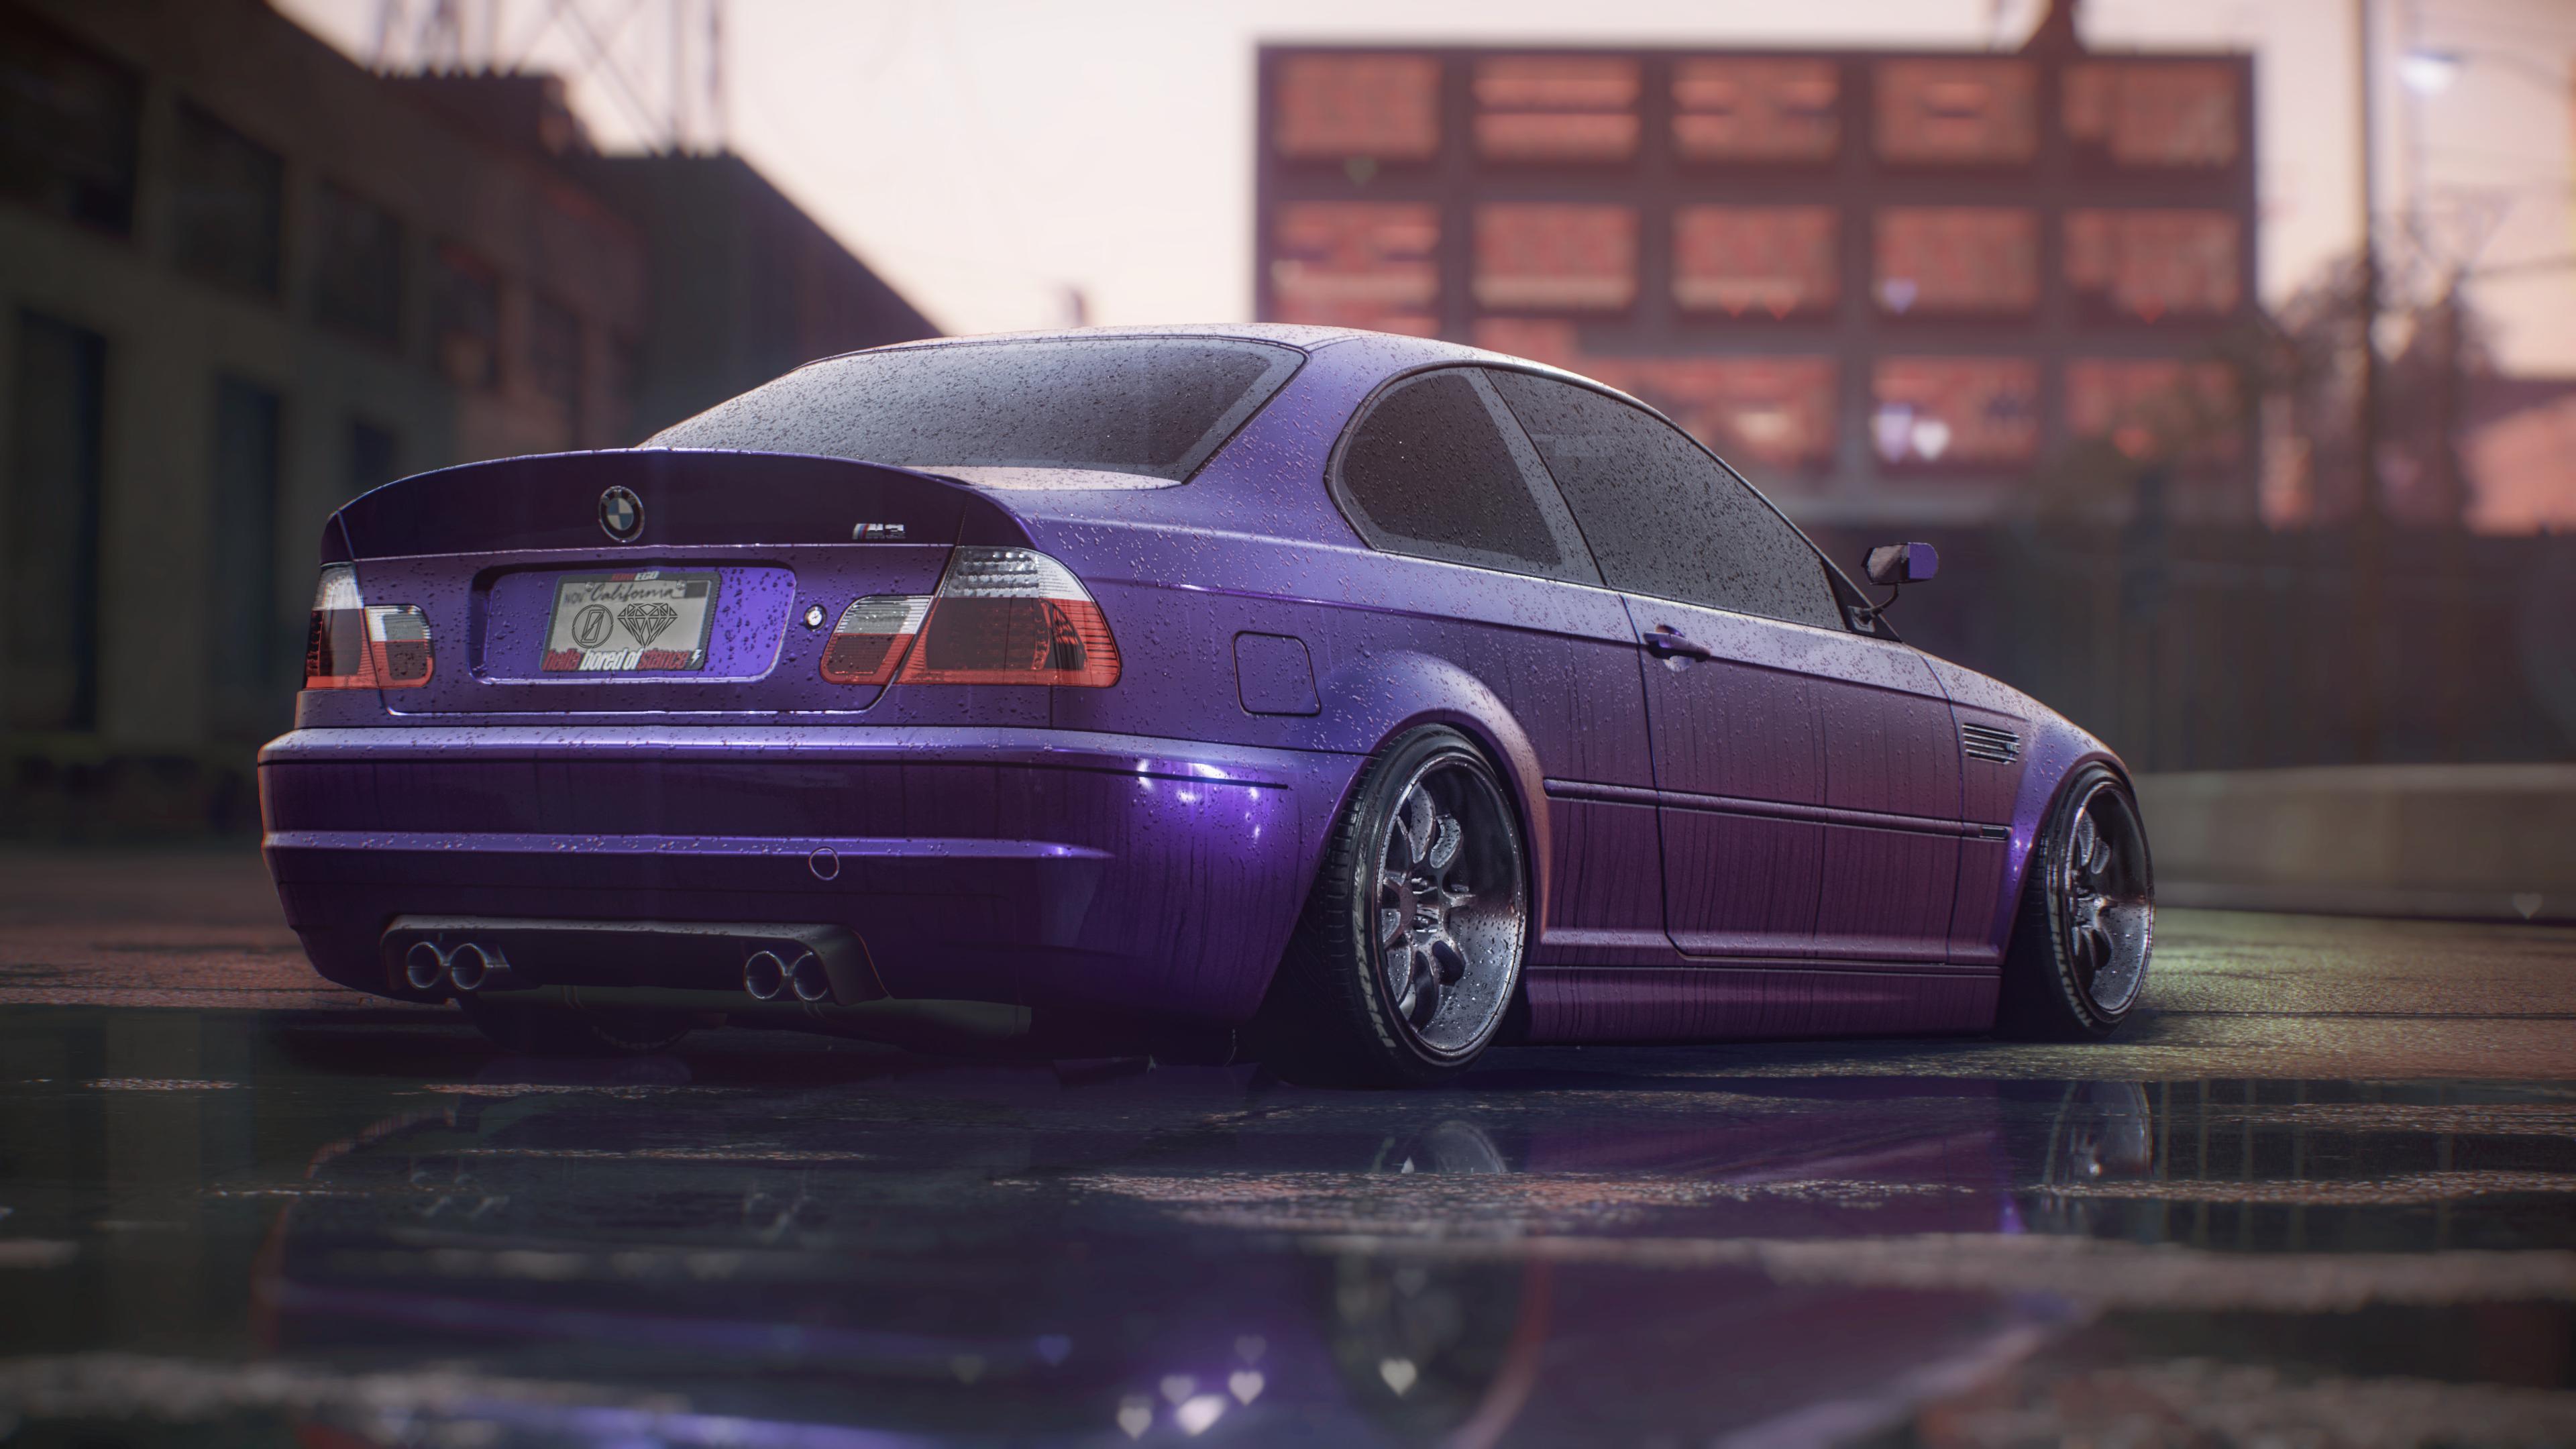 Bmw M3 E46 Midnight Purple Bmw M3 Bmw Bmw Wallpapers